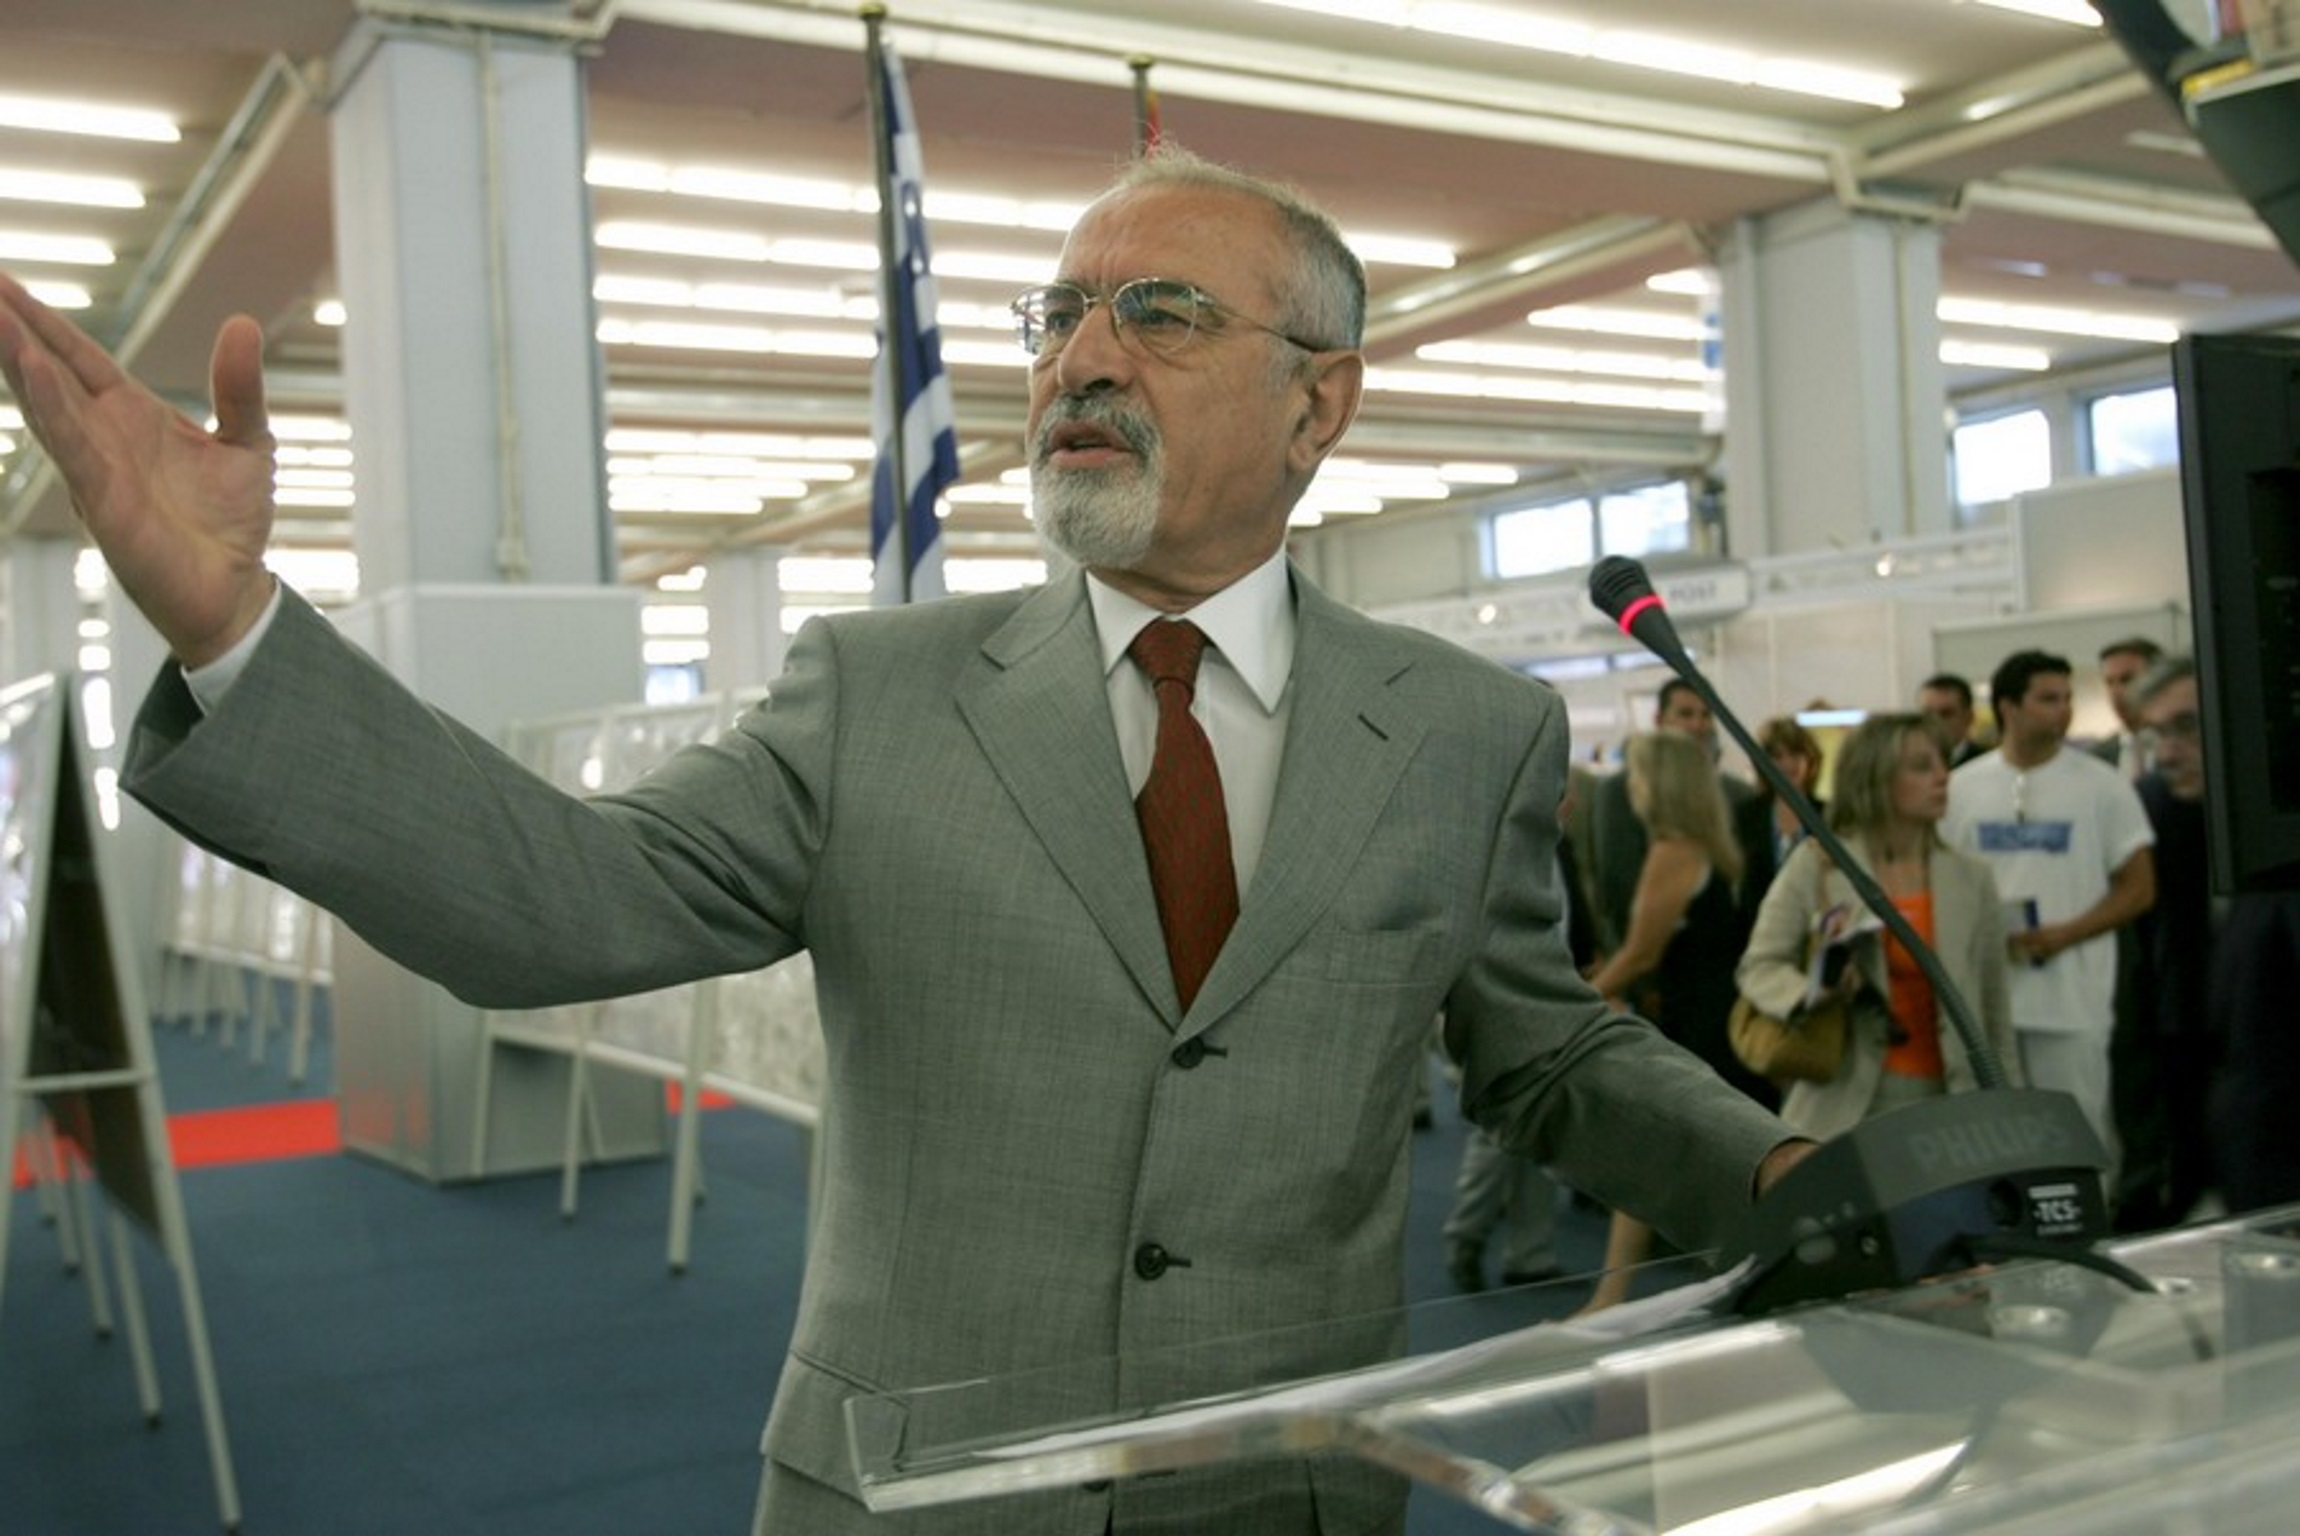 Άγγελος Μπρατάκος: Η Νέα Δημοκρατία αποχαιρετά ένα ιστορικό της στέλεχος